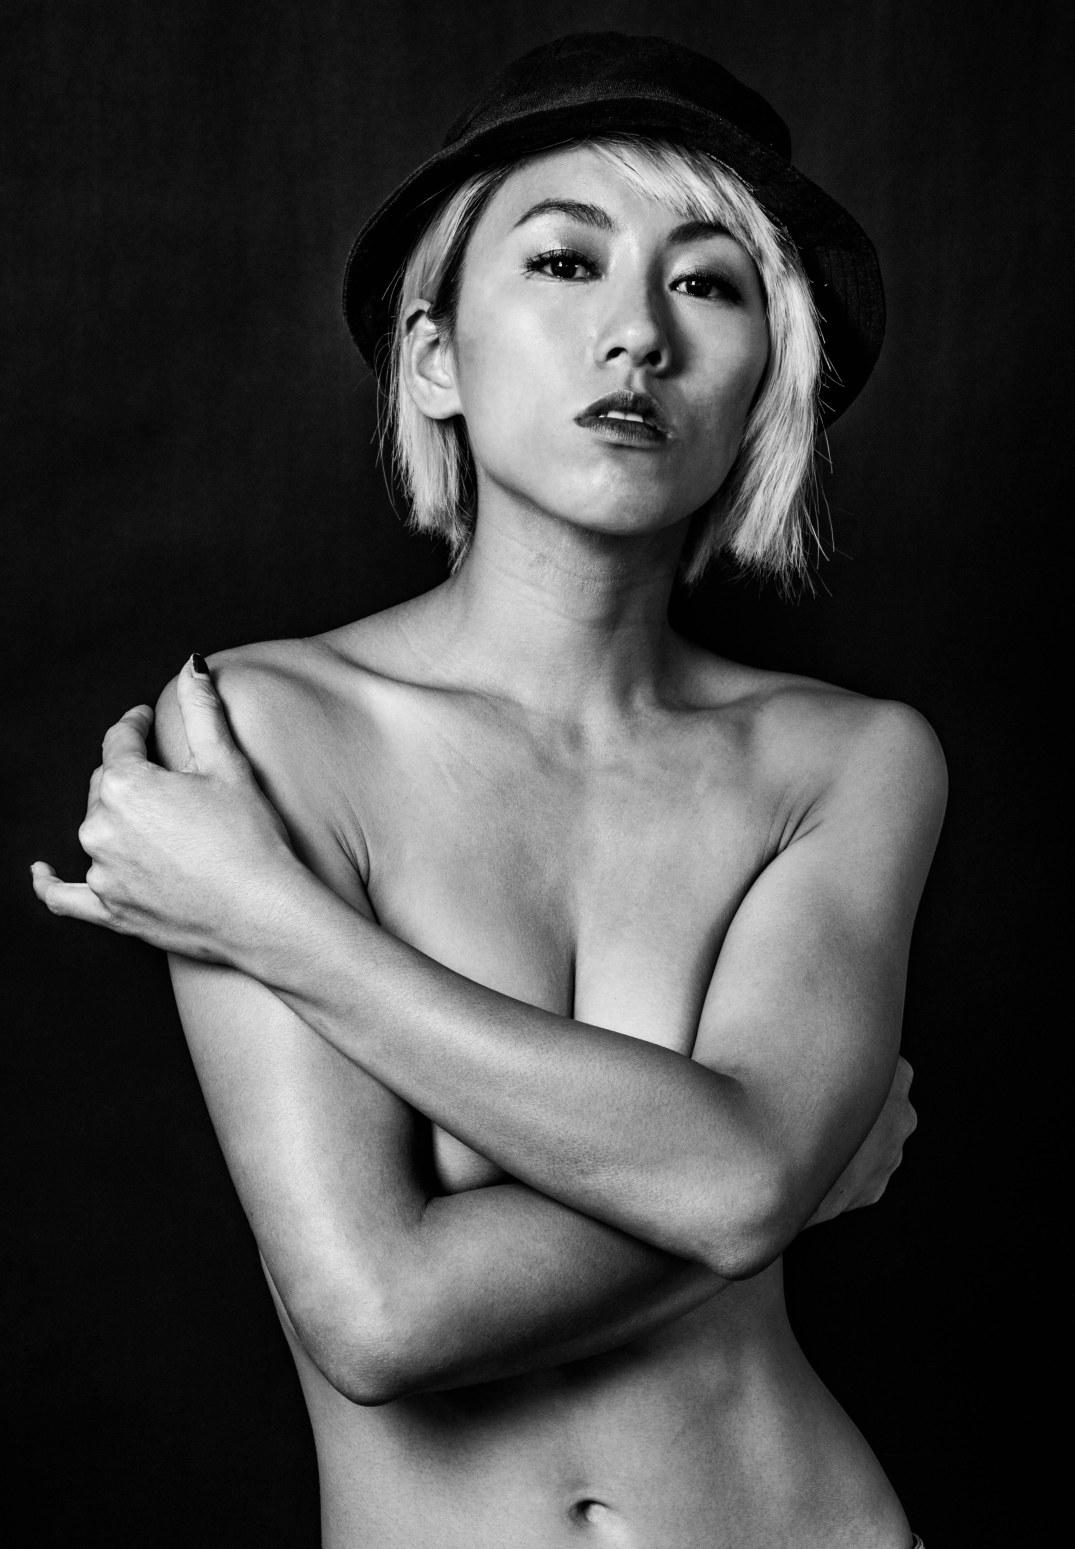 模特兒時裝服裝攝影_化妝髮型服務_租Studio影樓_一站式服務_model_kitty2b-22